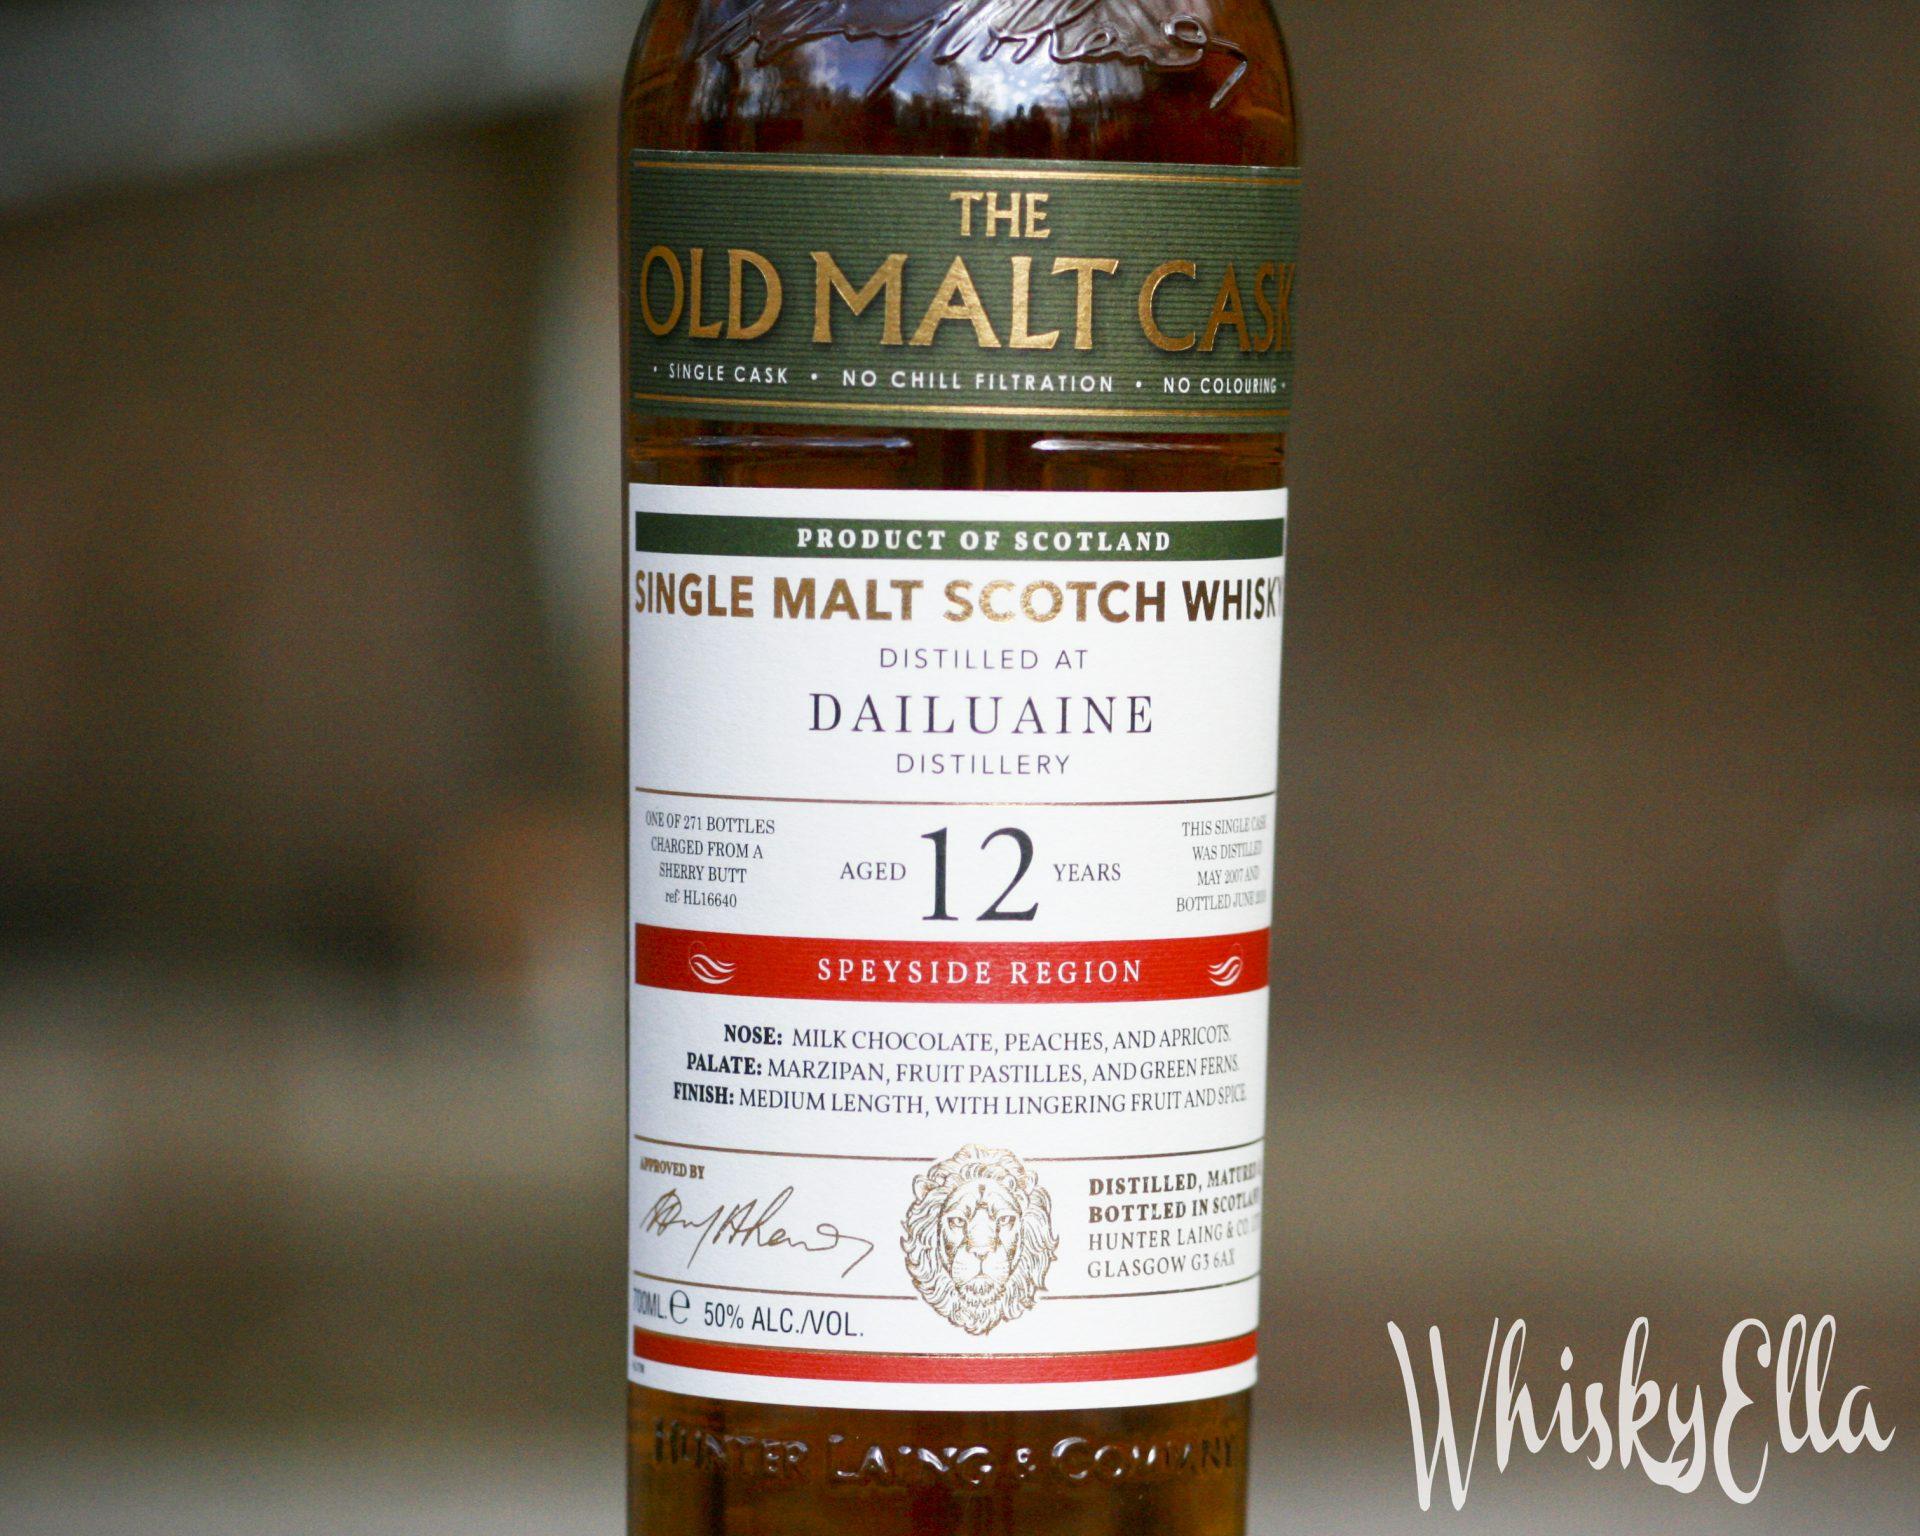 Nasza recenzja Dailuaine 12 yo Old Malt Cask 2007 #101